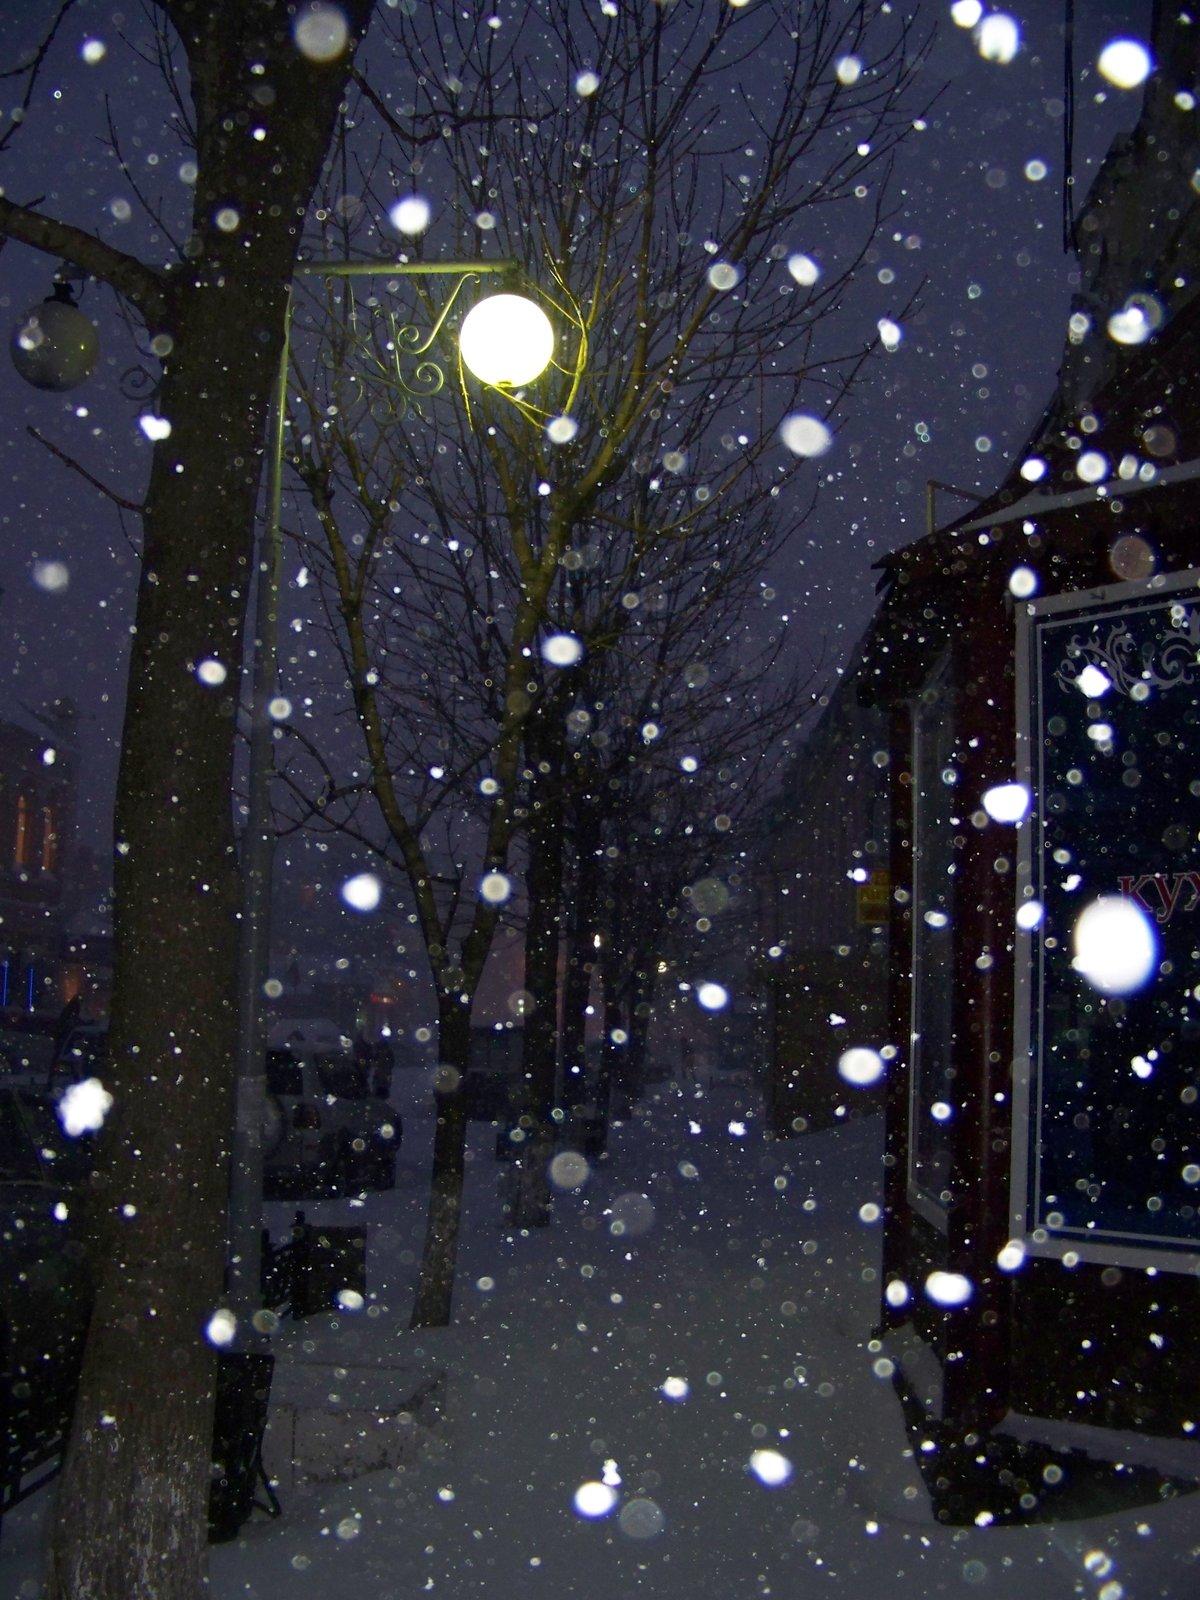 картинка снегопад и фонарь средние